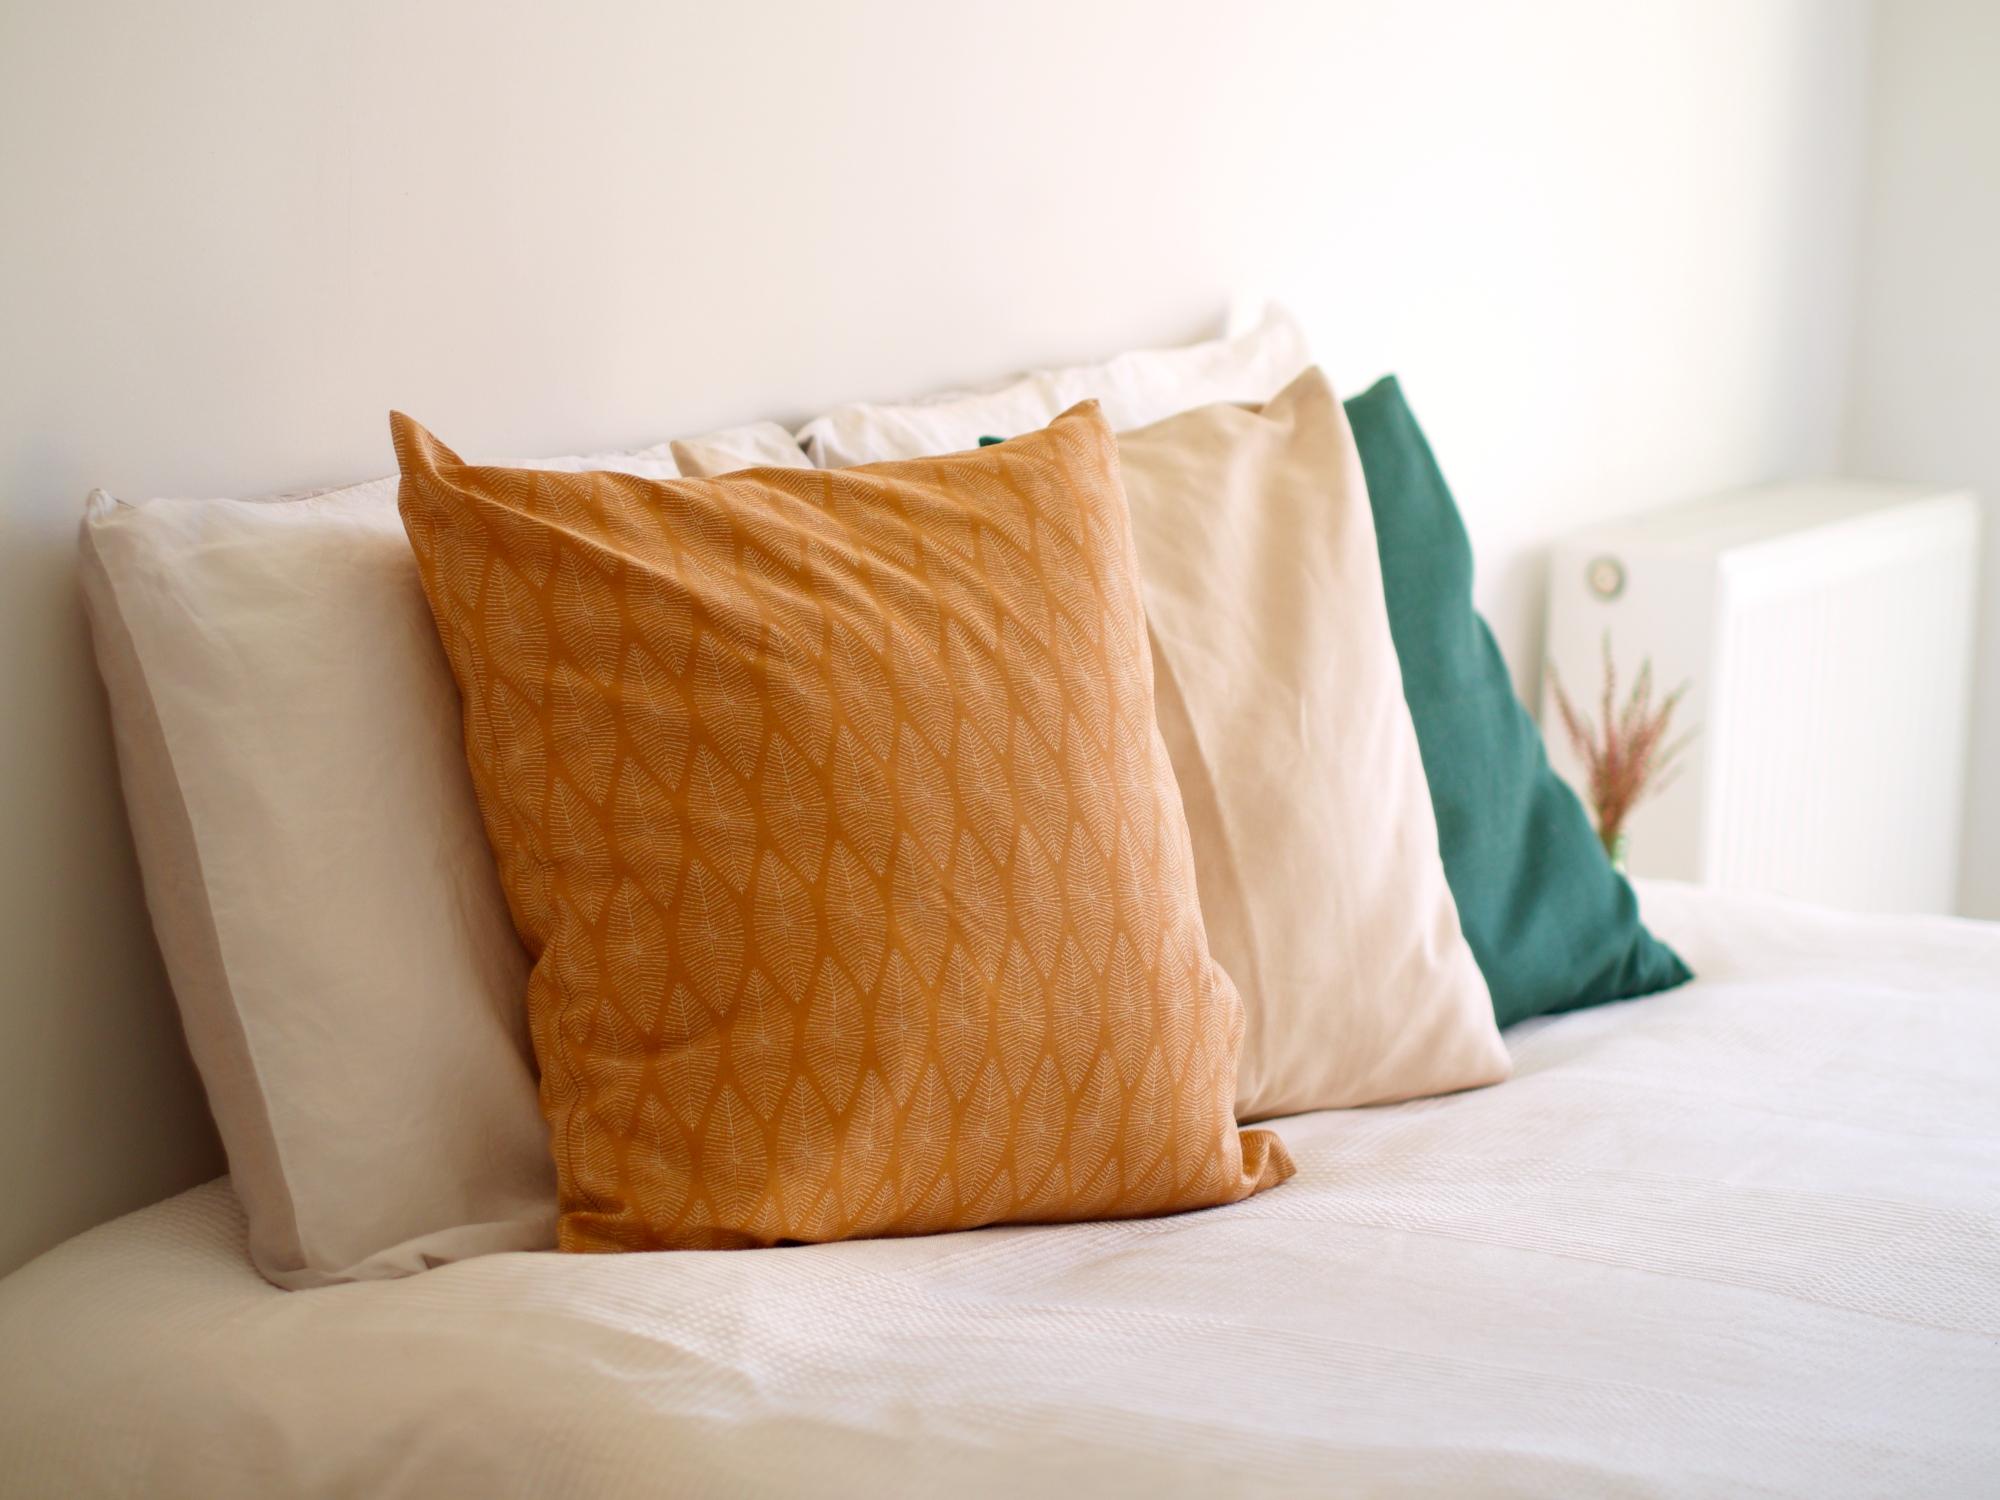 Moja Wymarzona Sypialnia Co Jest Dla Mnie Ważne Blog